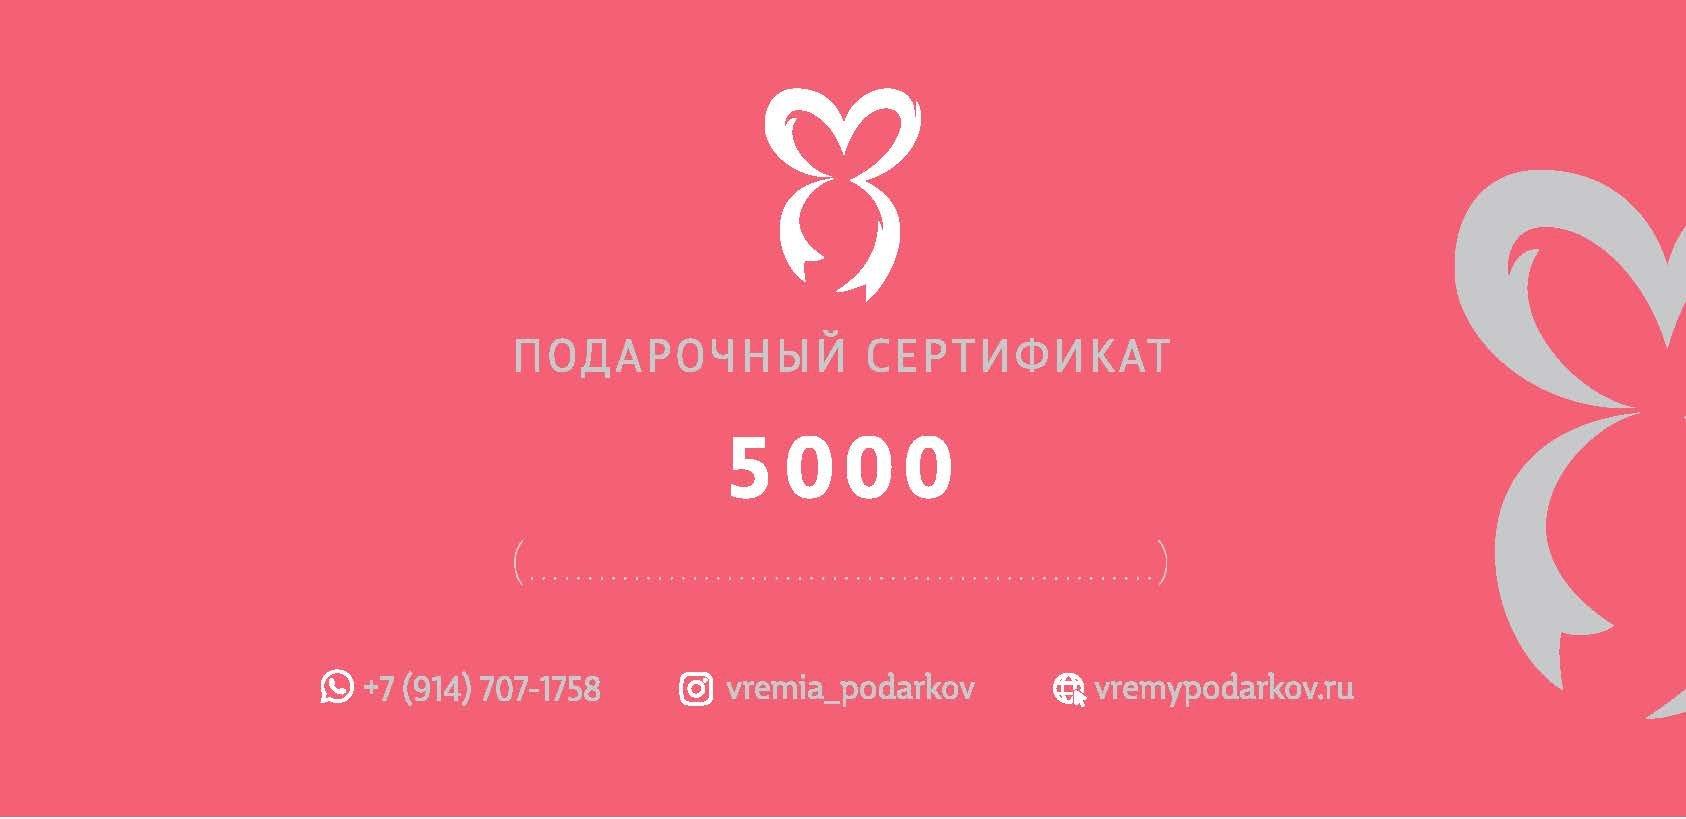 Подарочный сертификат 5000 фото